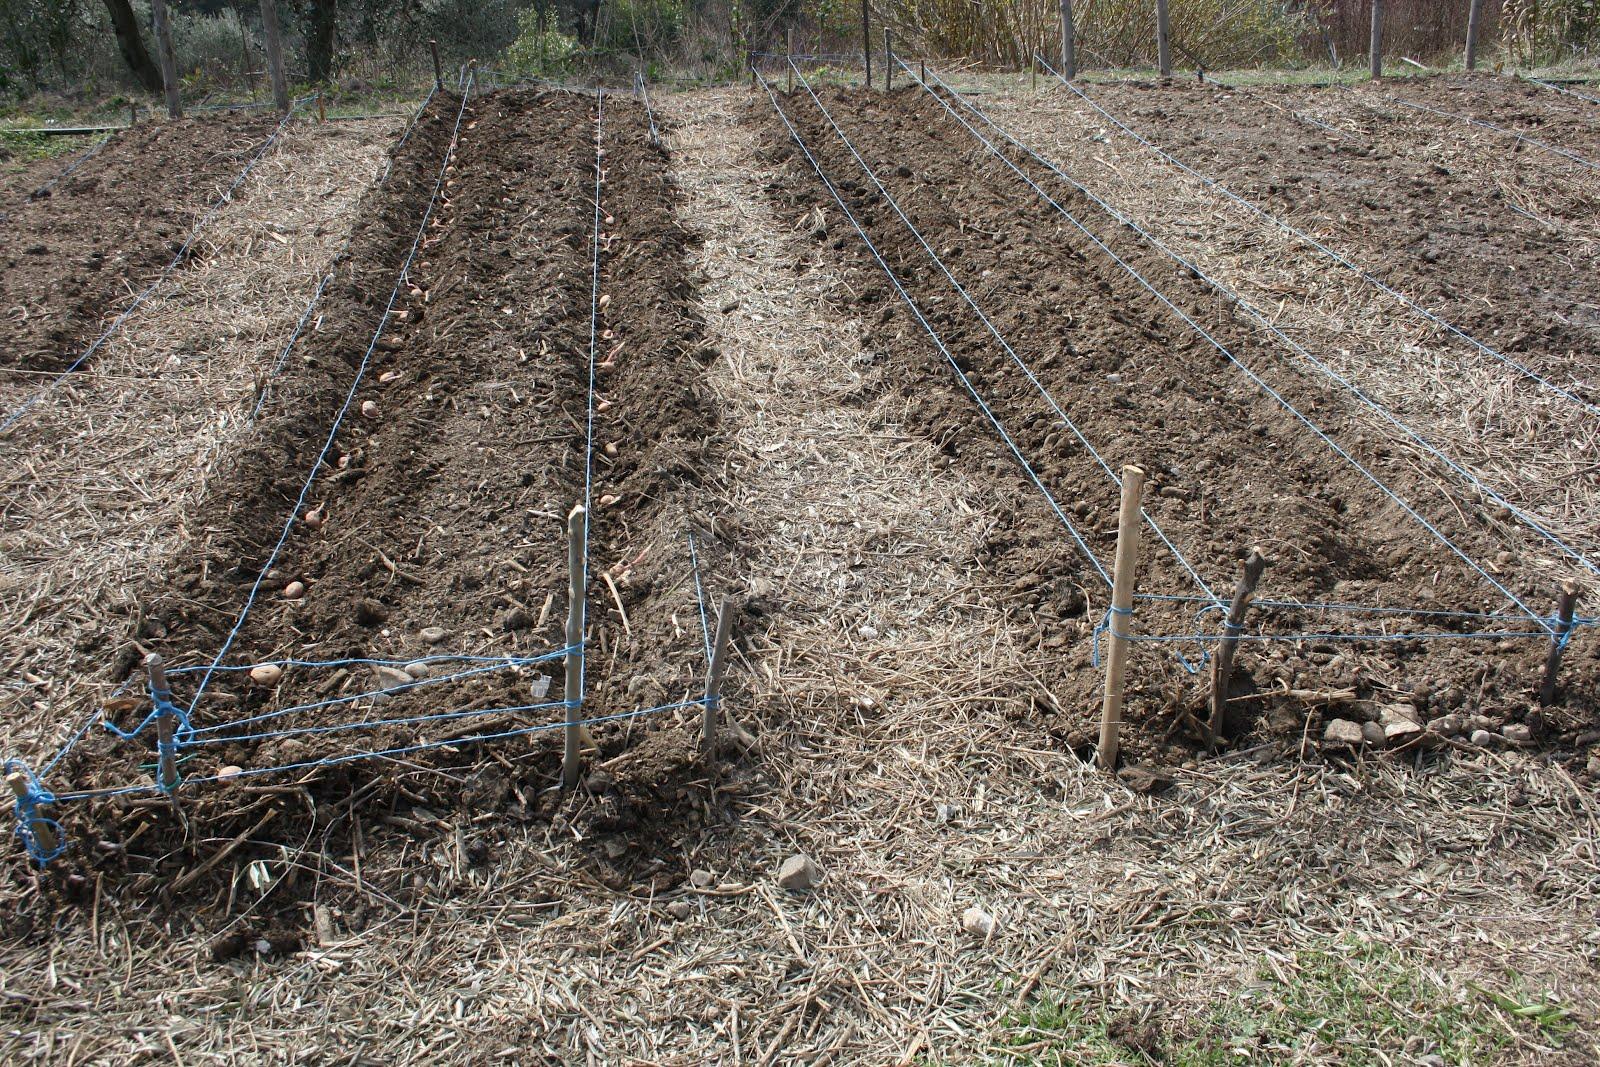 Losmogotes l 39 orto senza acqua for Piantare piselli